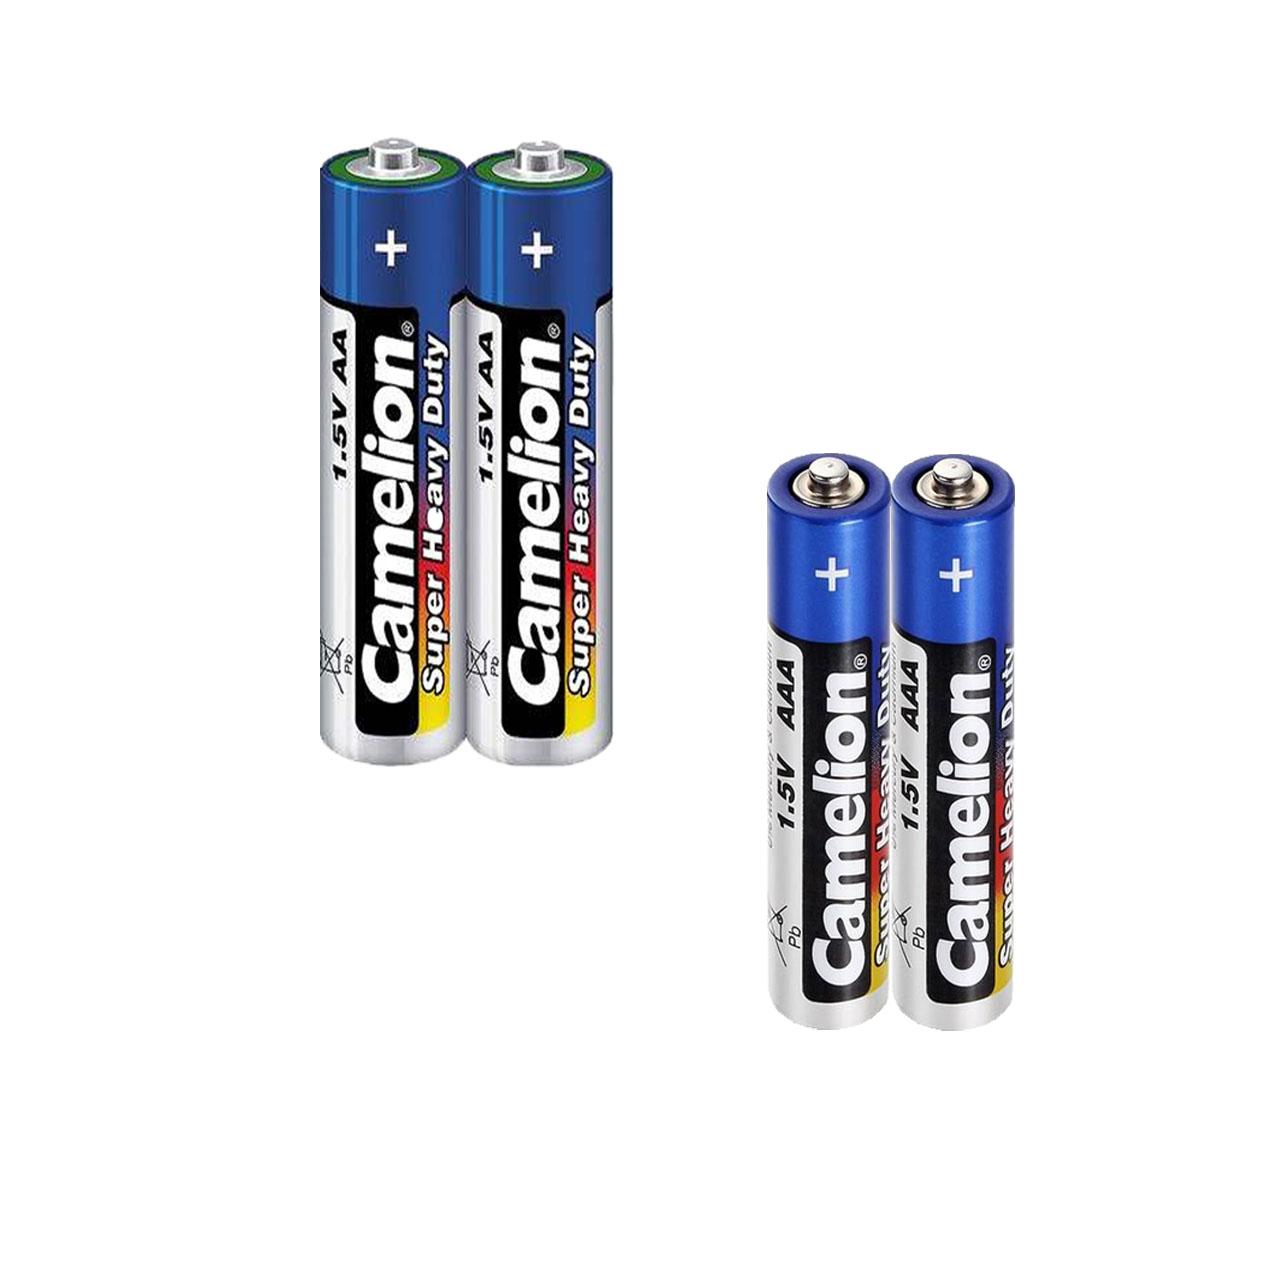 باتری قلمی و نیم قلمی کملیون مدل Super Heavy Duty کد 003 مجموعه 4 عددی